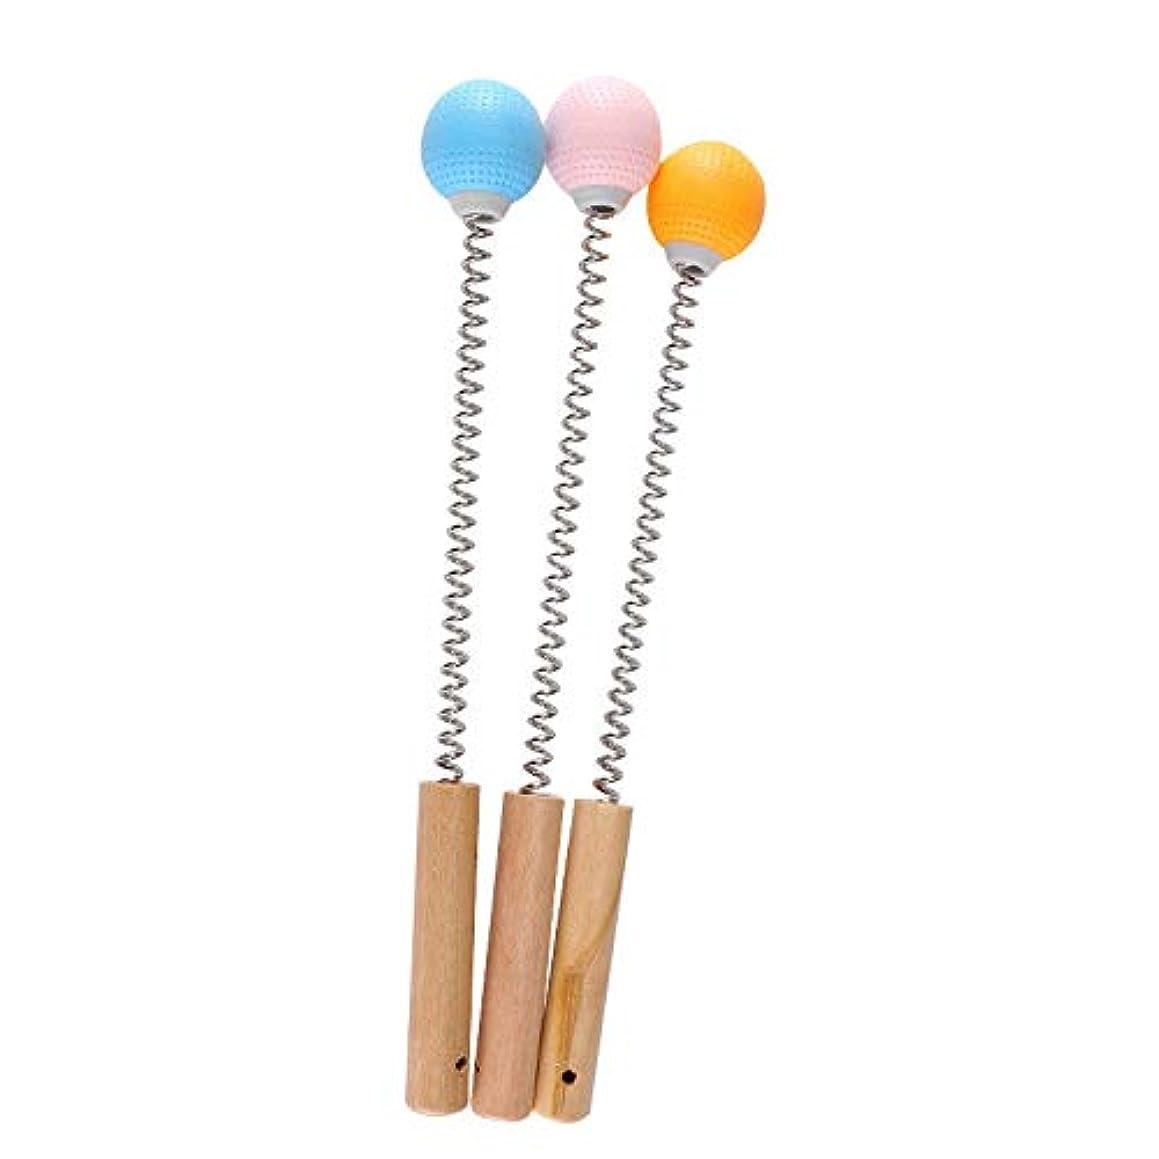 討論交響曲寛容なOral Dentistry マッサージハンマー 肩たたき棒 木材柄 プラスチック製 ハンドル ばね付き ボディー ストレス 肩こり解消 手持ち ゴルフ型 (イエロー)